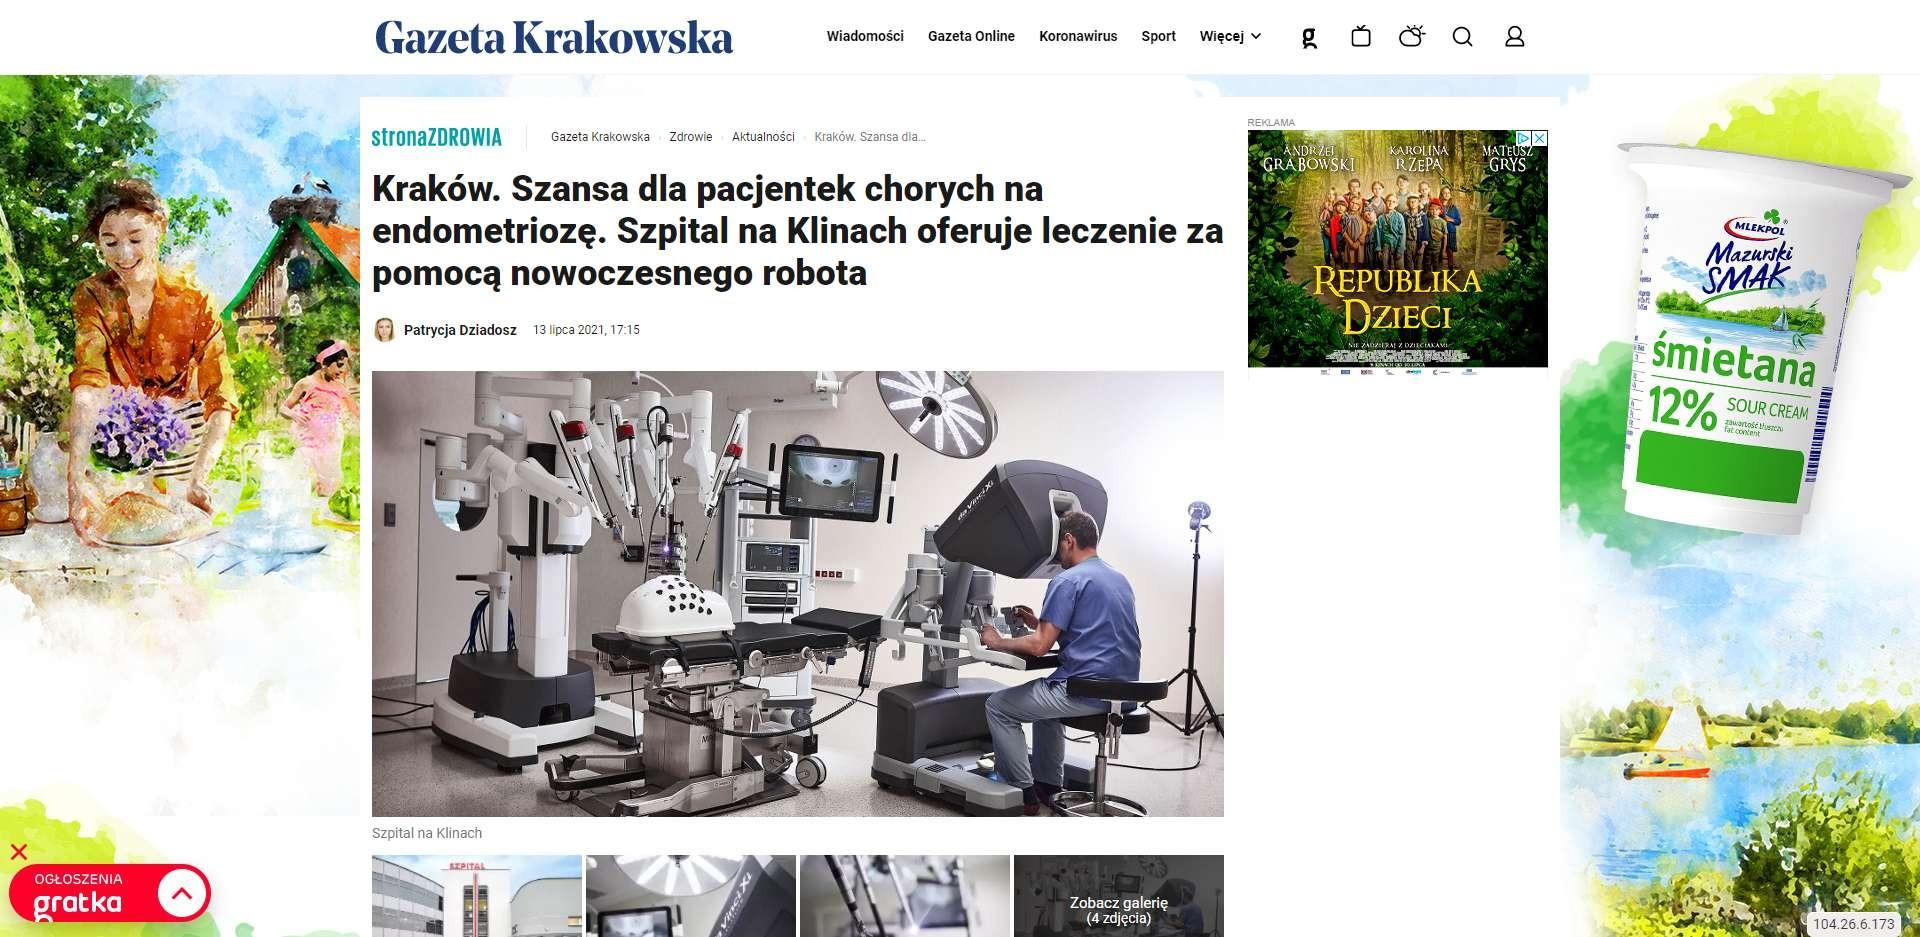 krakow szansa dla pacjentek chorych na endometrioze szpital na klinach oferuje leczenie za pomoca nowoczesnego robota